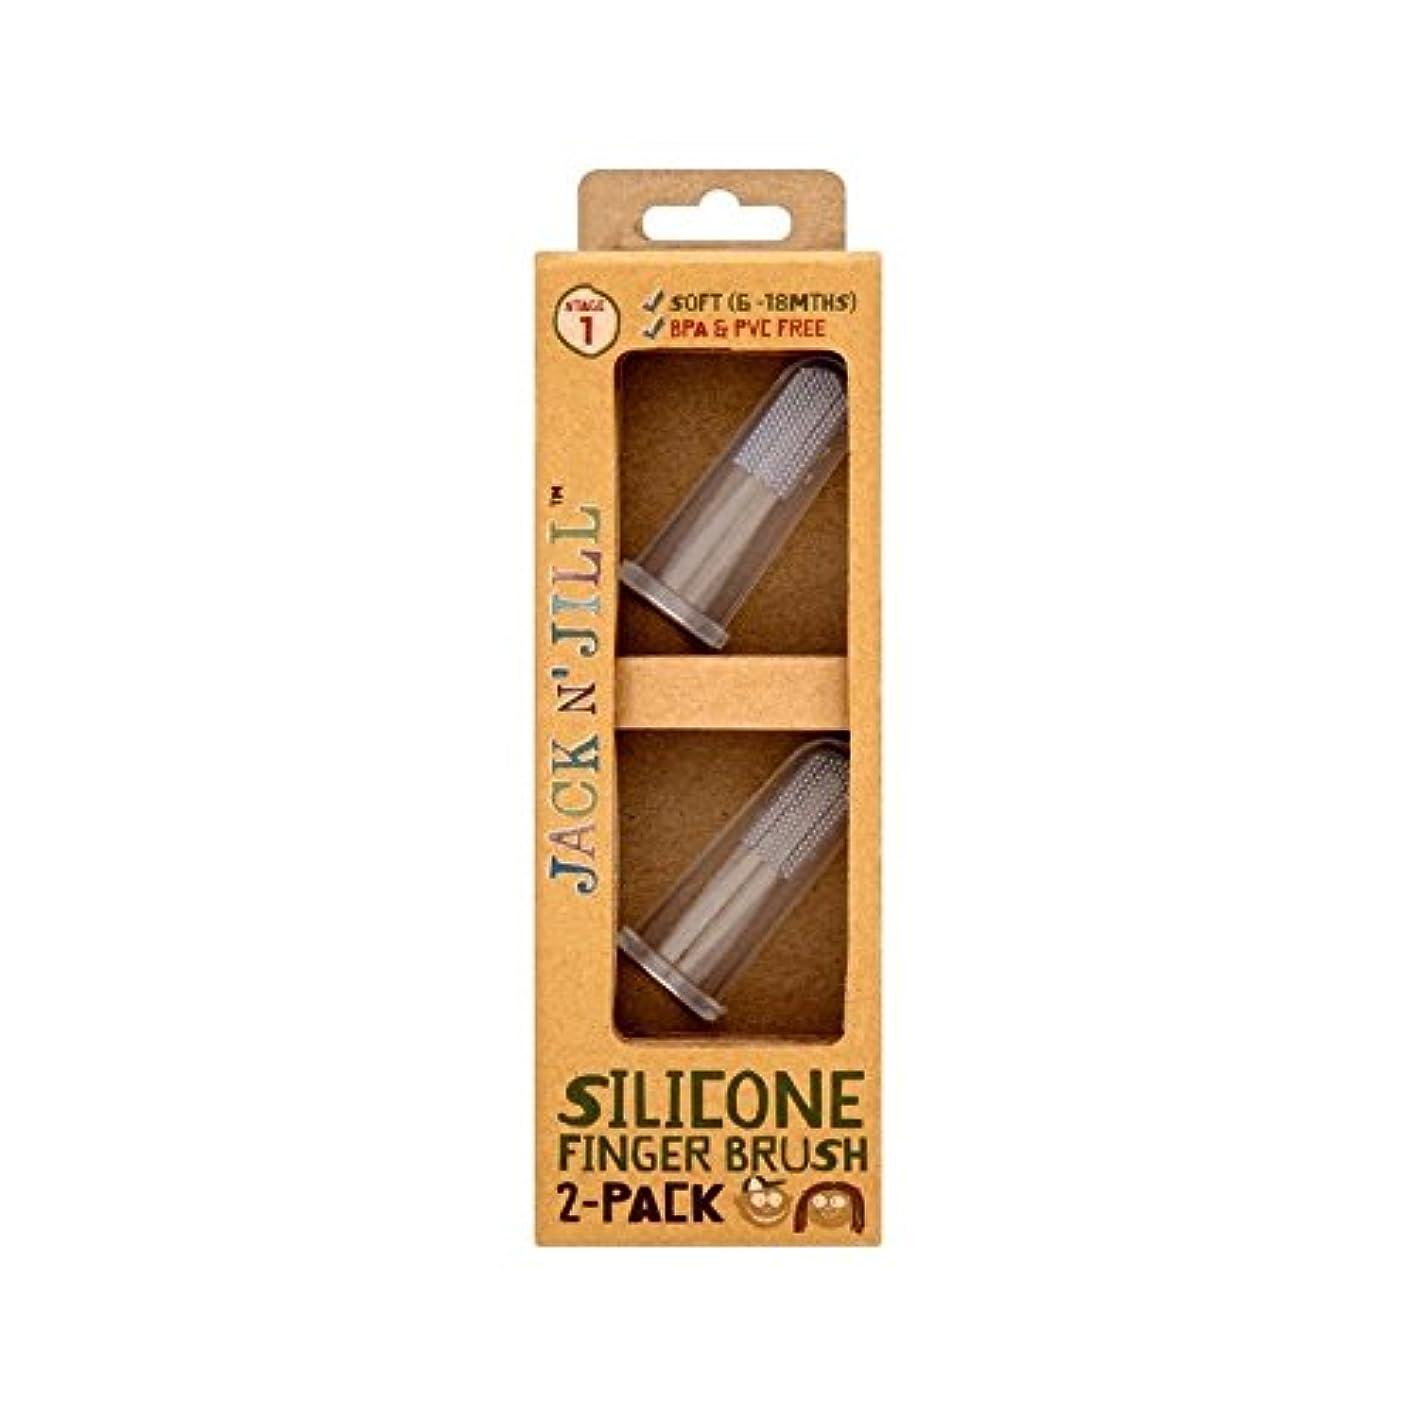 クリスマススタンドキャンプシリコーン指ブラシ2パックあたりパック2 (Jack N Jill) (x 6) - Jack N' Jill Silicone Finger Brush 2 Pack 2 per pack (Pack of 6) [並行輸入品]